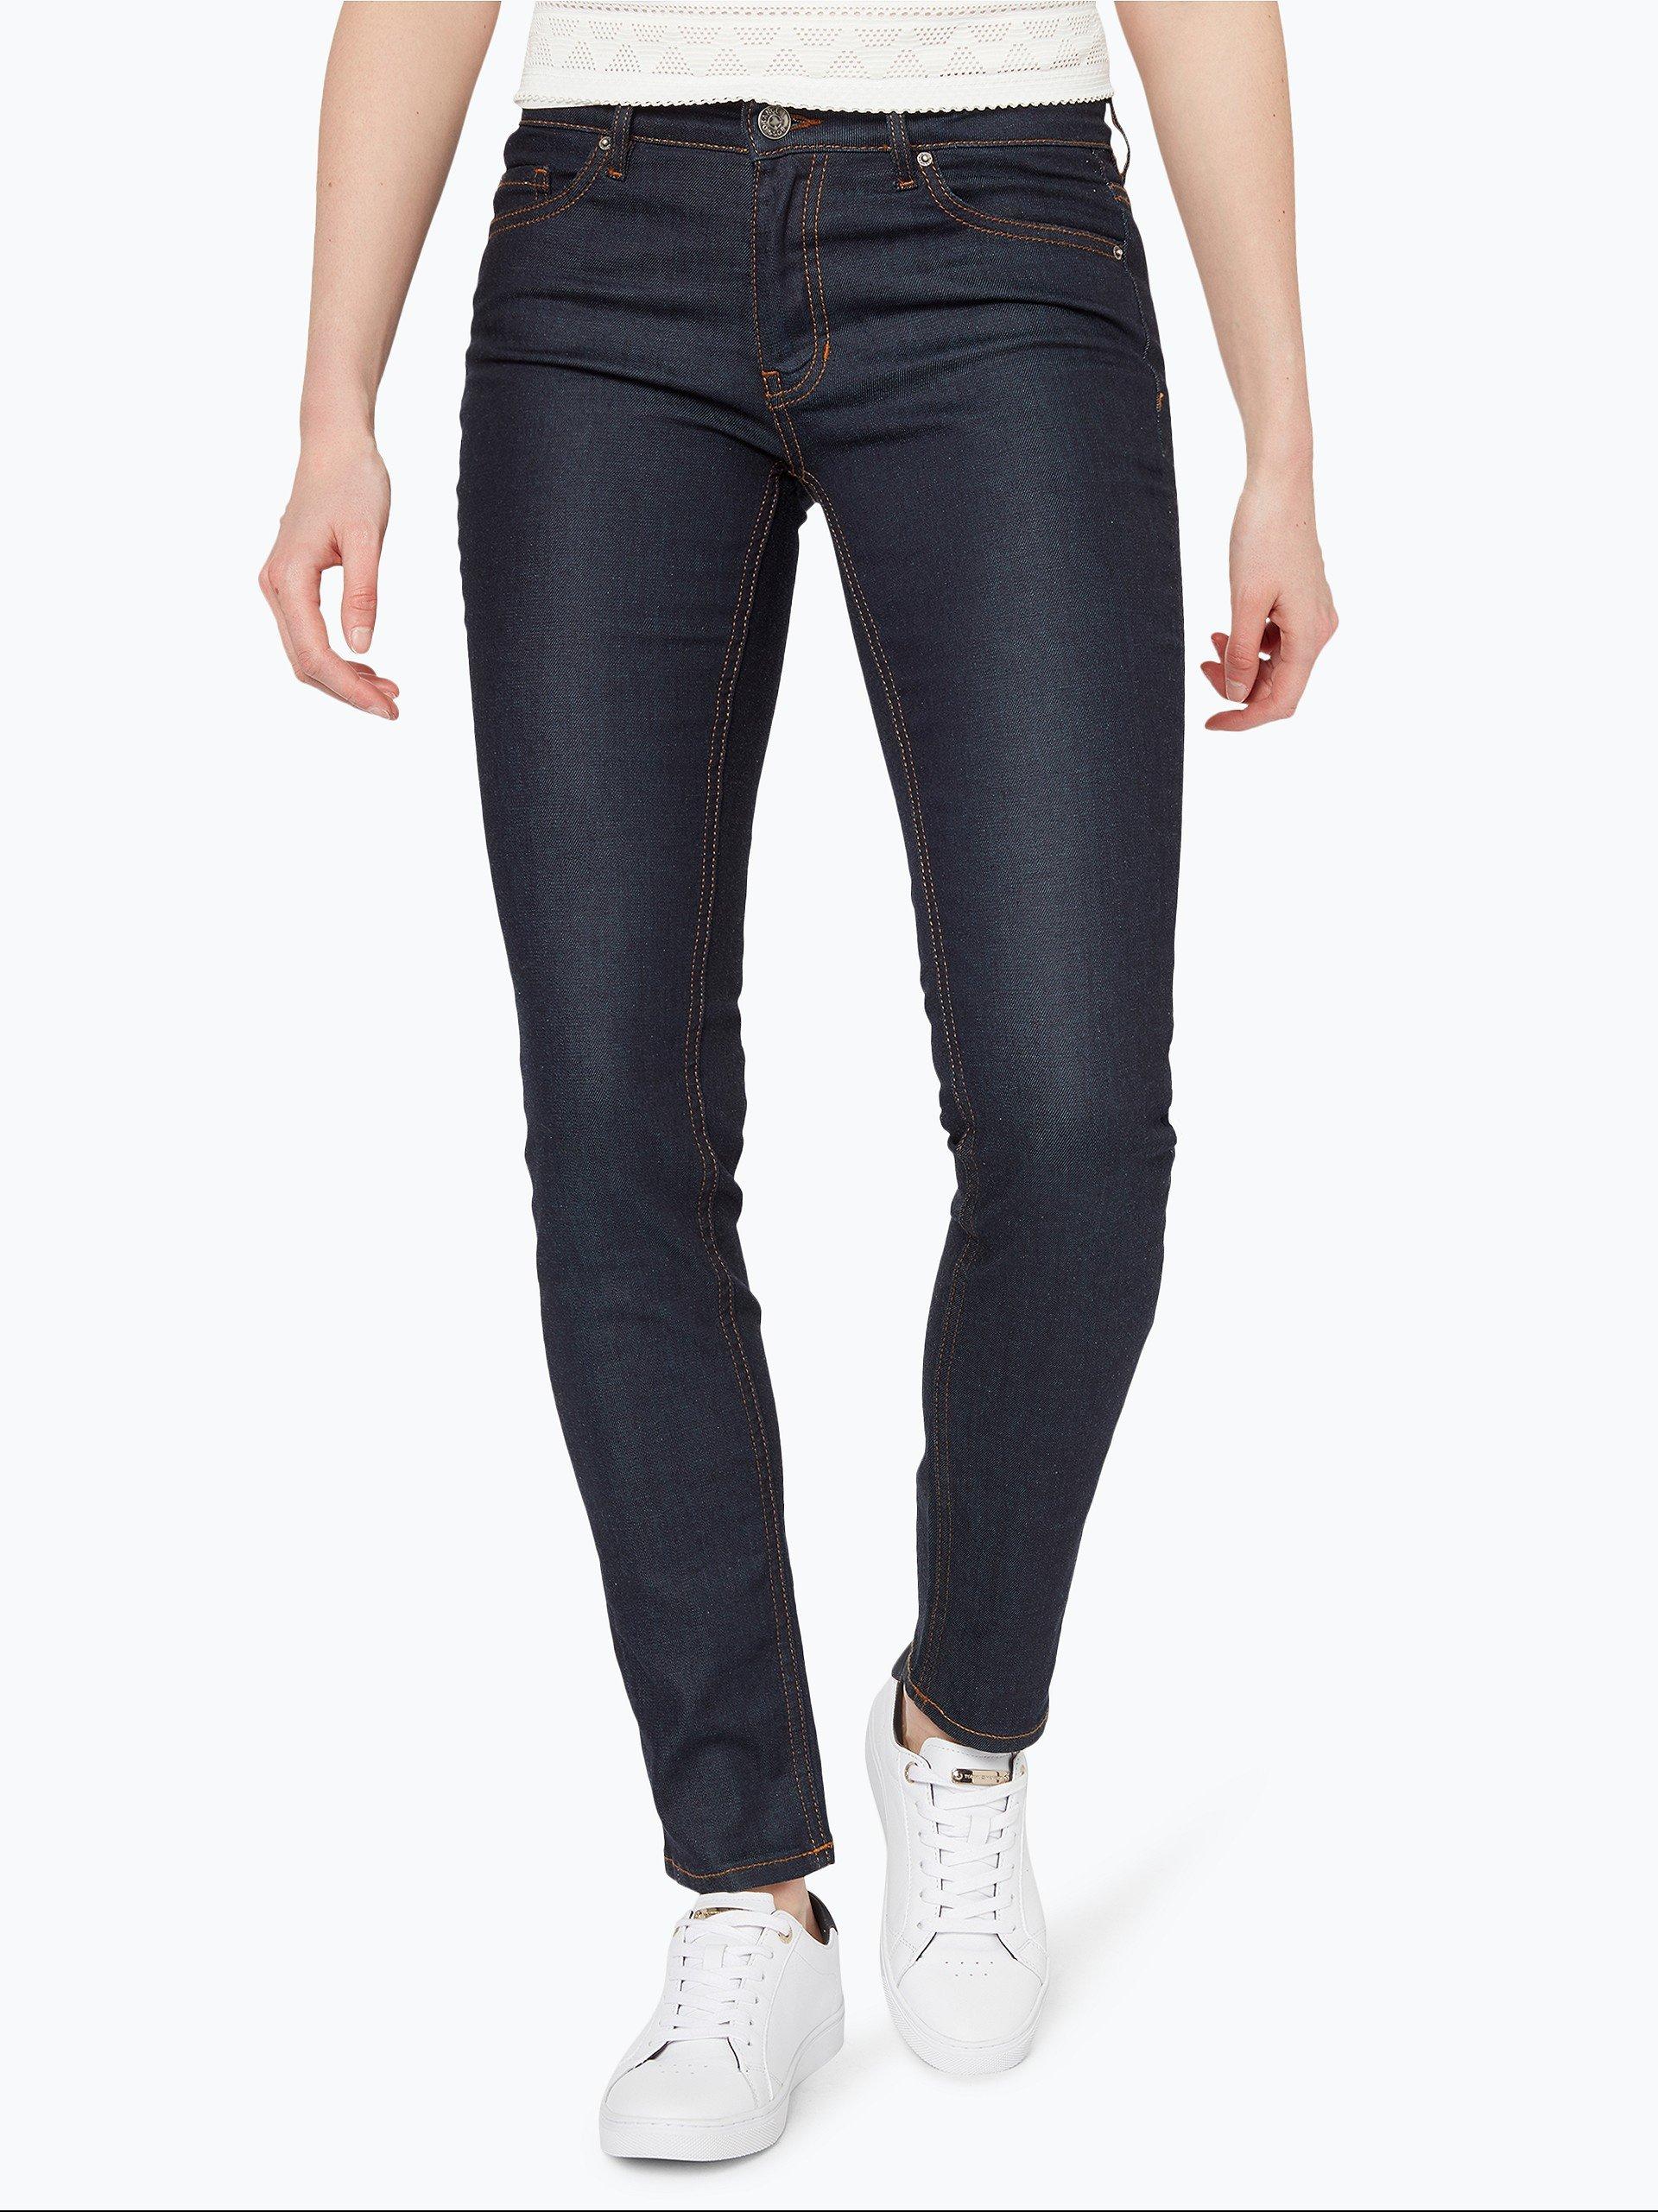 BOSS Casual Damen Jeans - J20